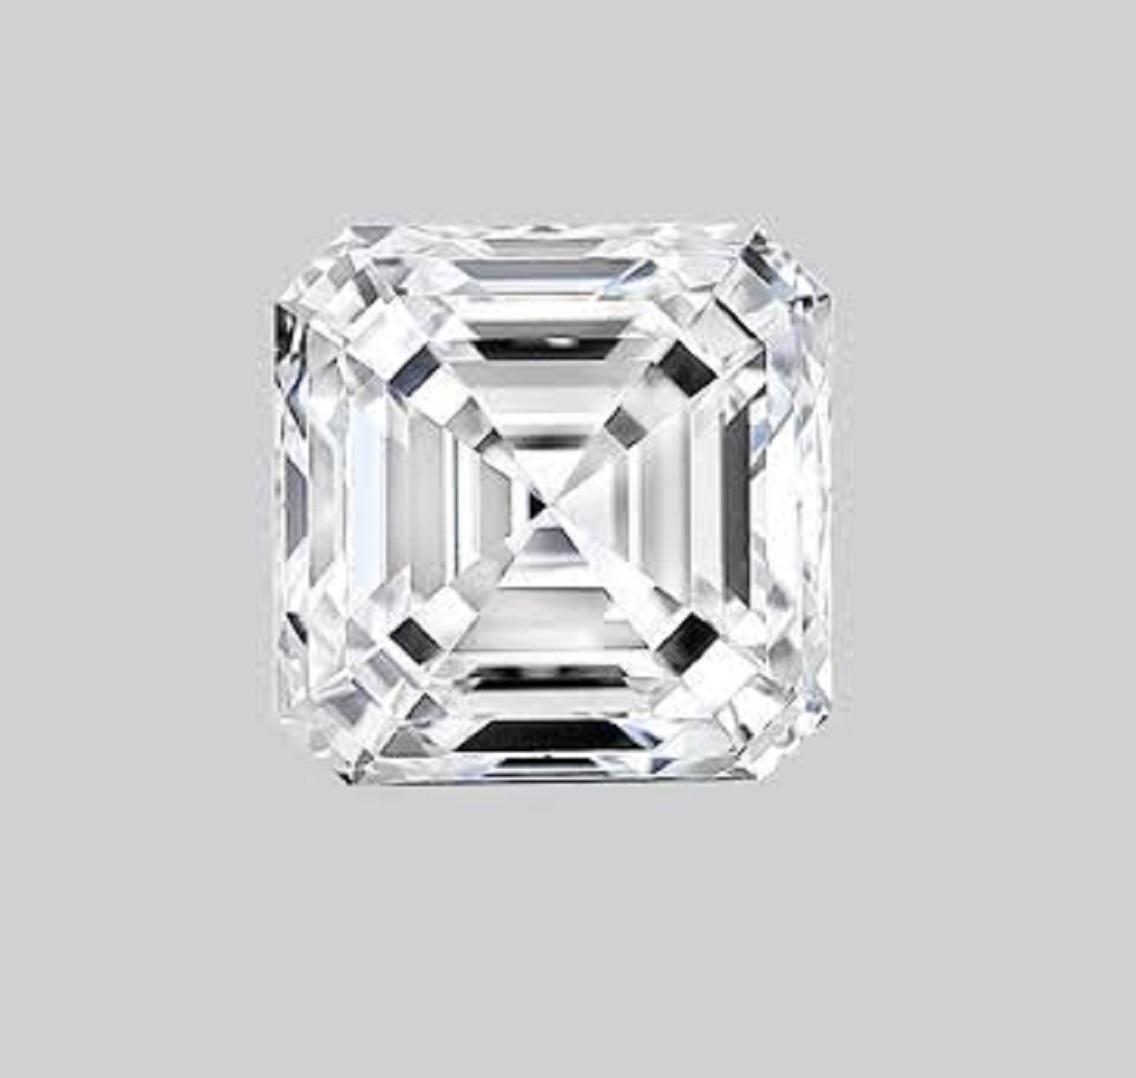 ASSCHER Emerald Diamon 4.14ct F VS1 Shape IGI Certified CVD TYPE2A